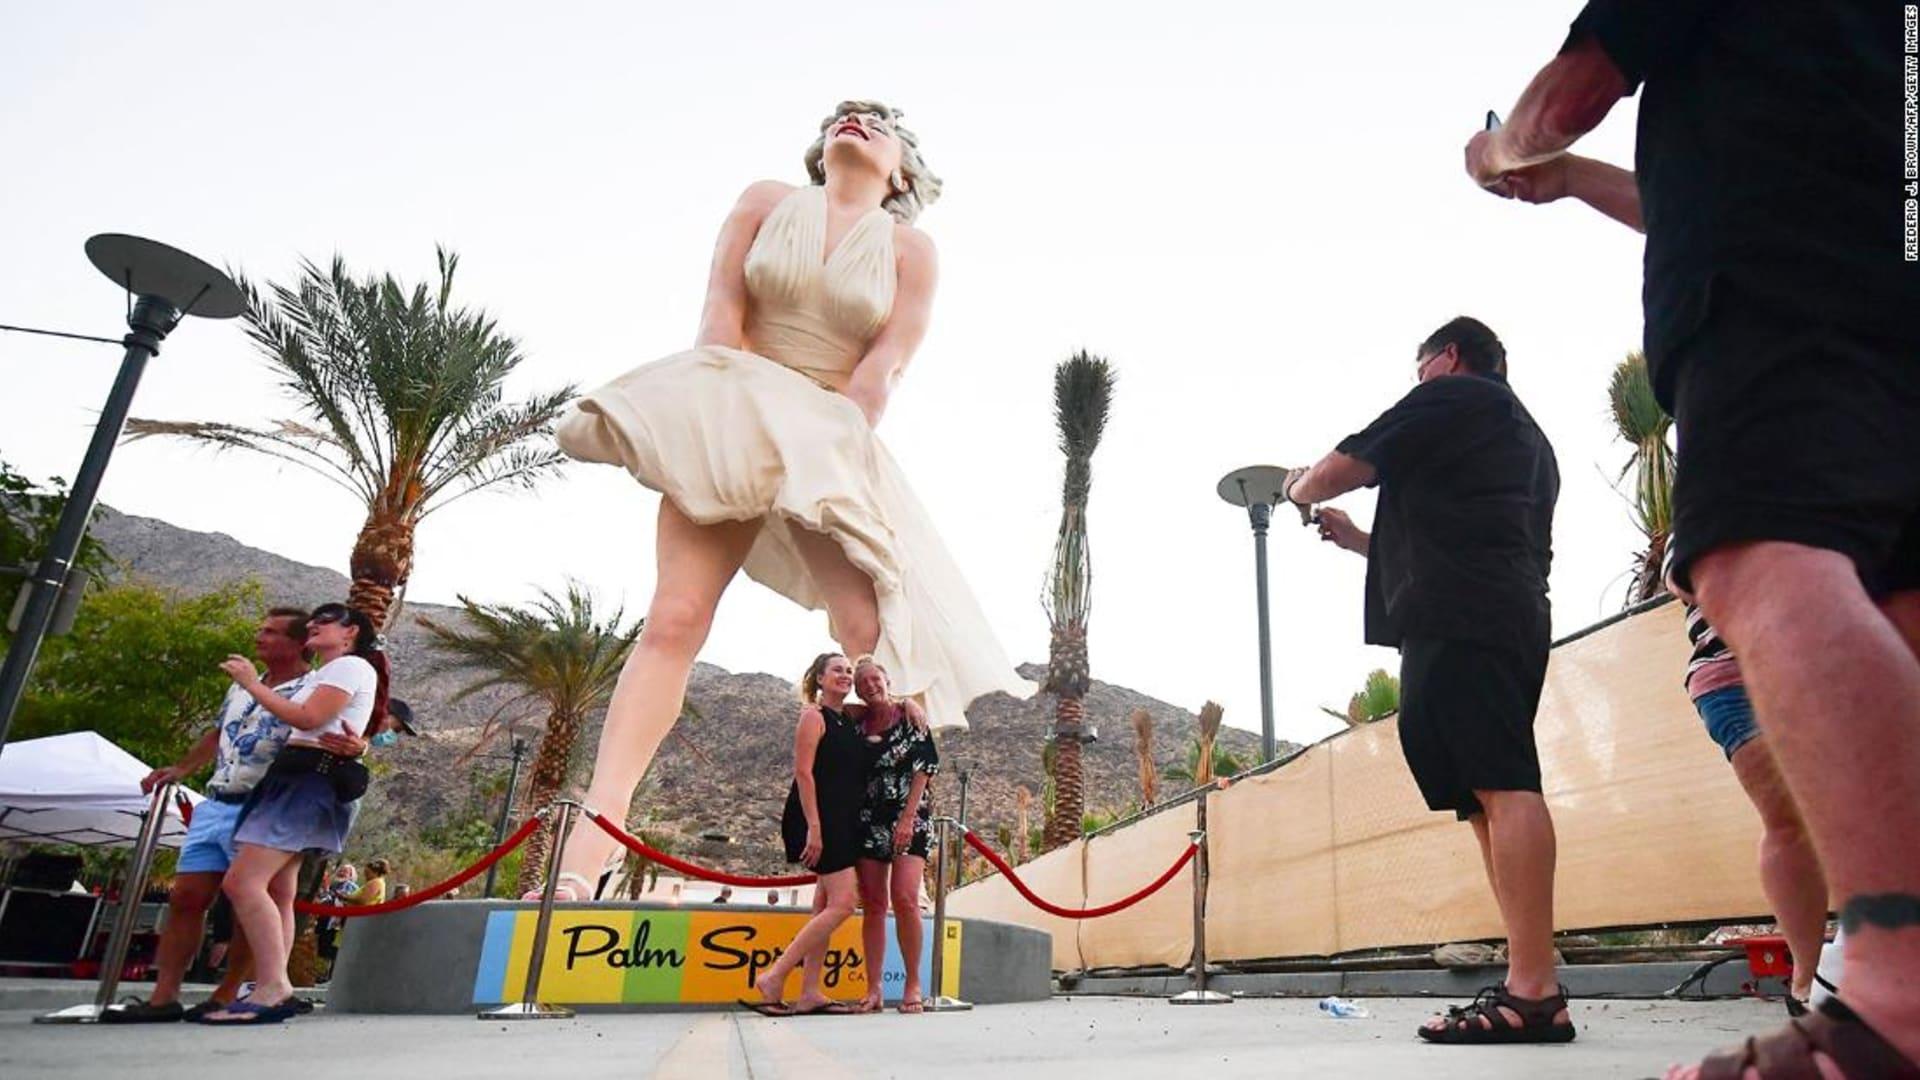 """احتجاجات على تمثال مارلين مونرو كونه """"مثير جنسيًا بشكل مفرط"""" في أمريكا"""